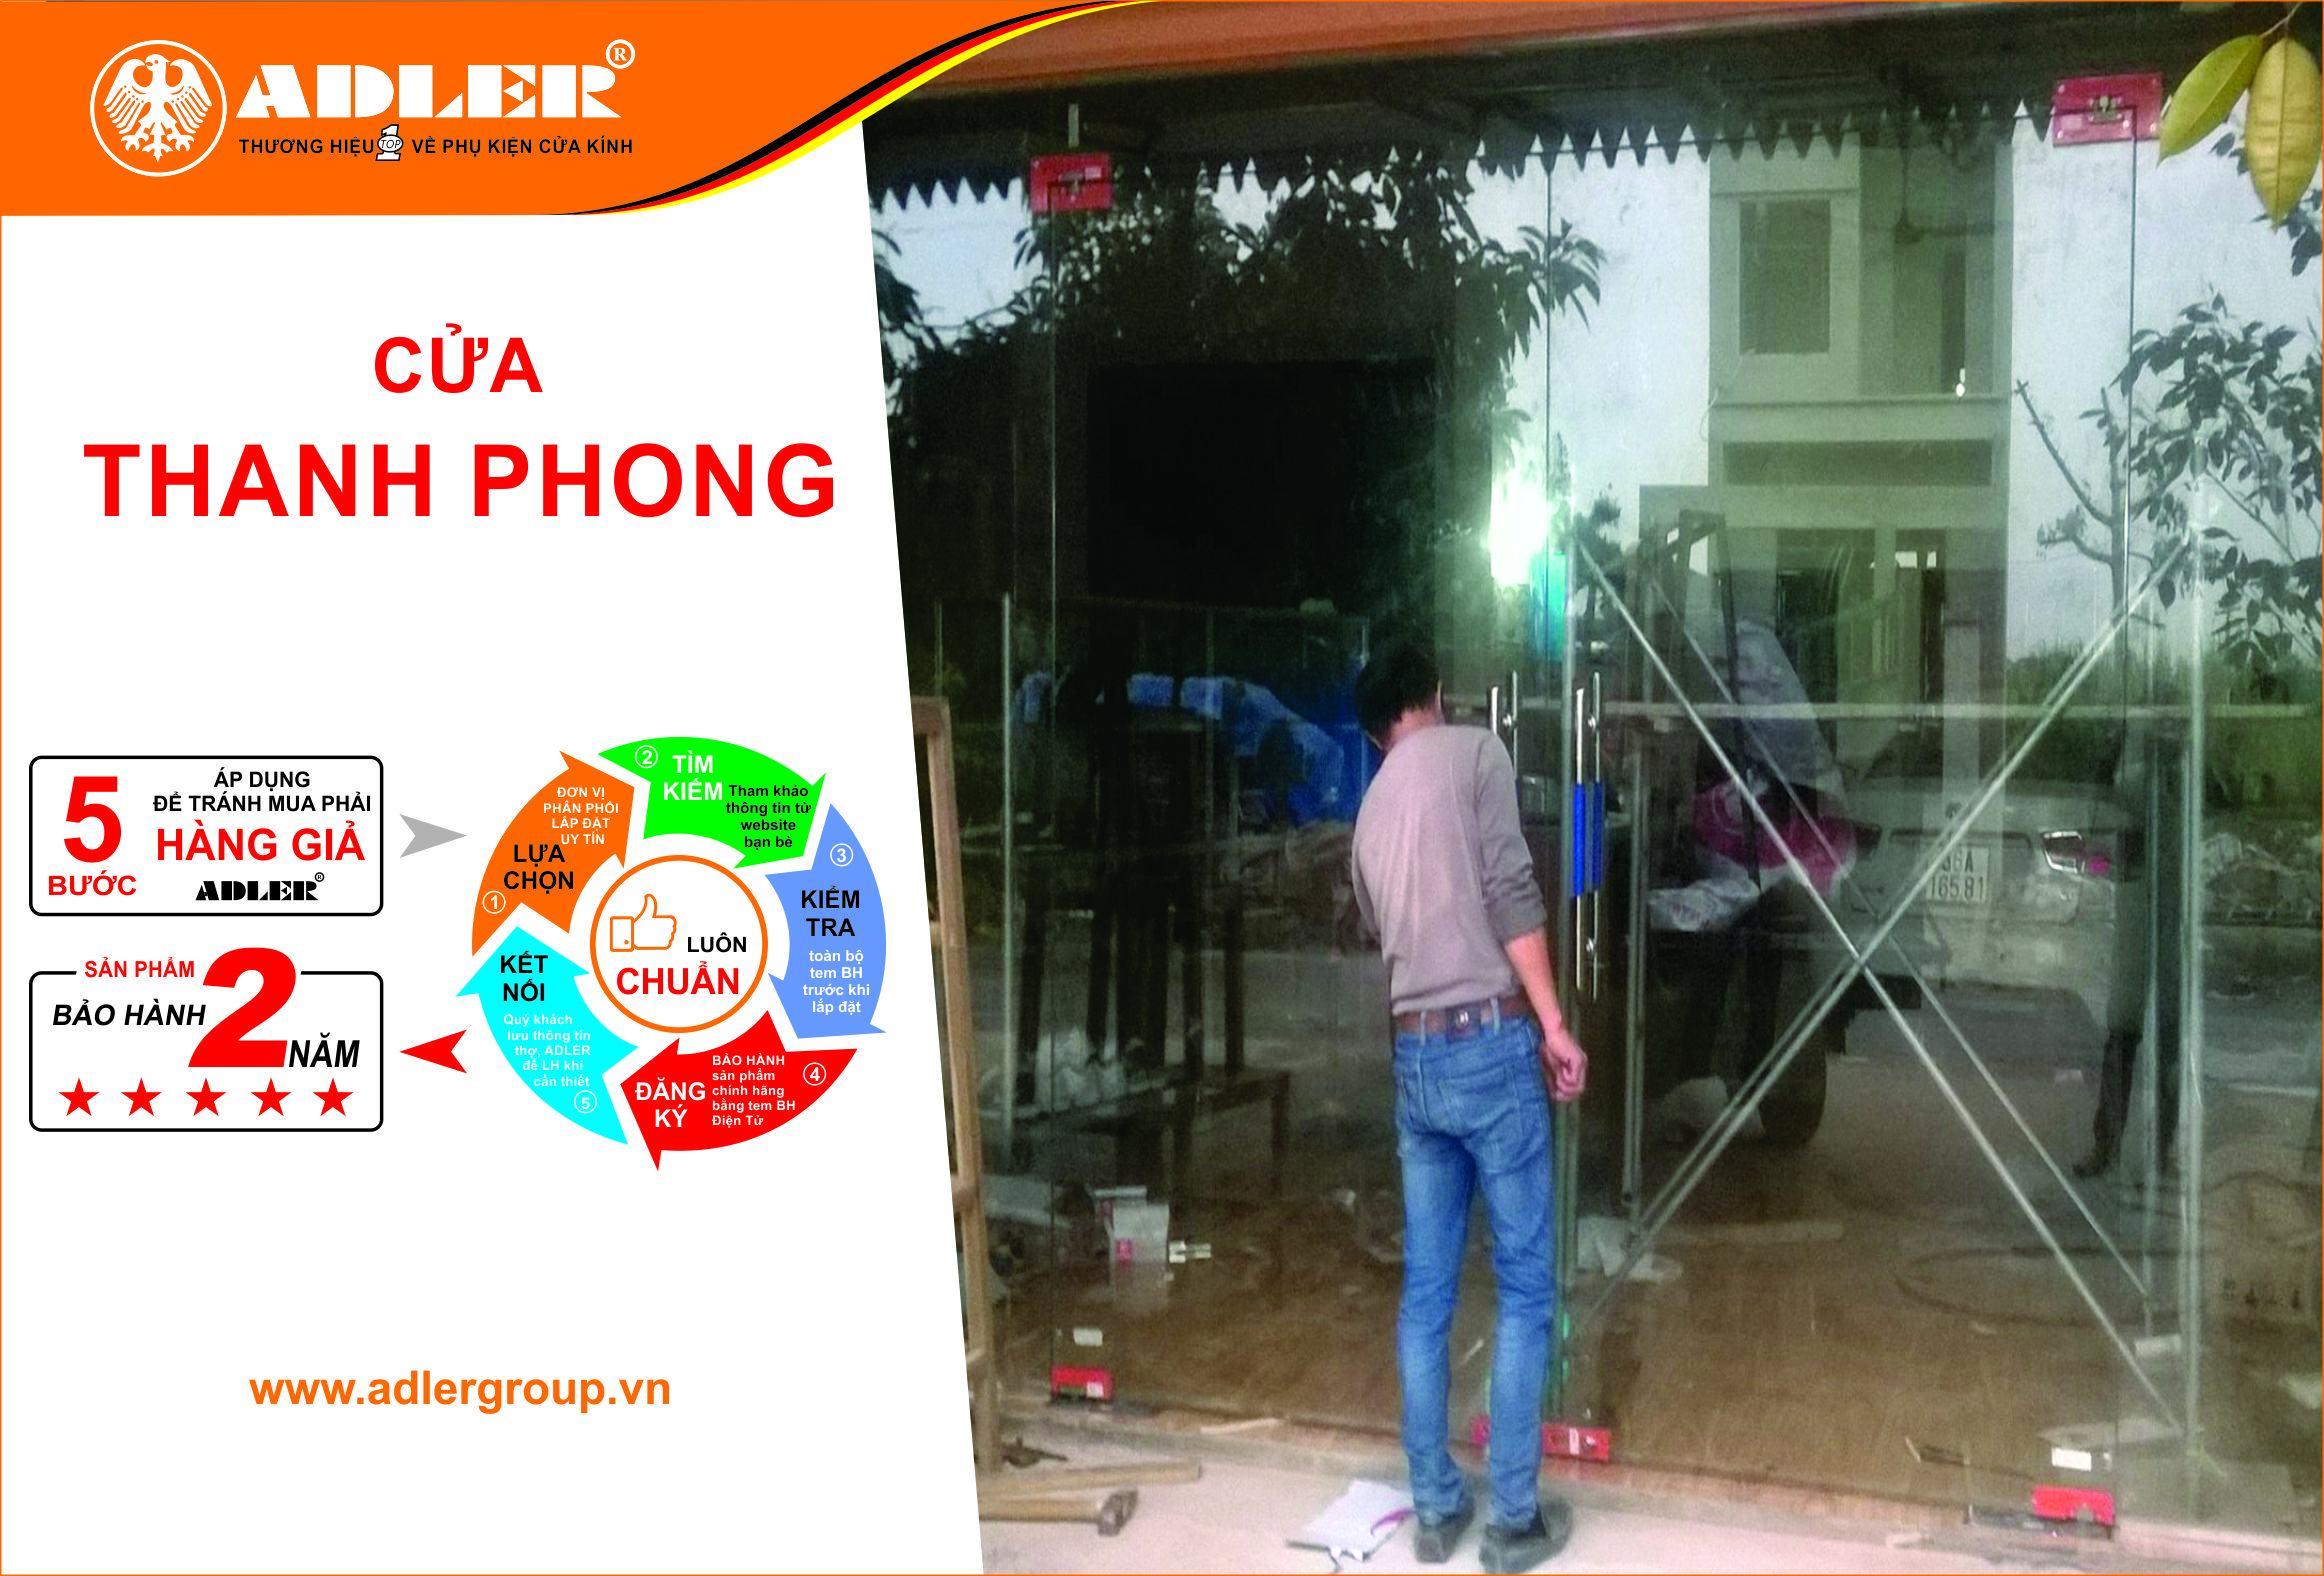 Người thợ cửa Thanh Phong